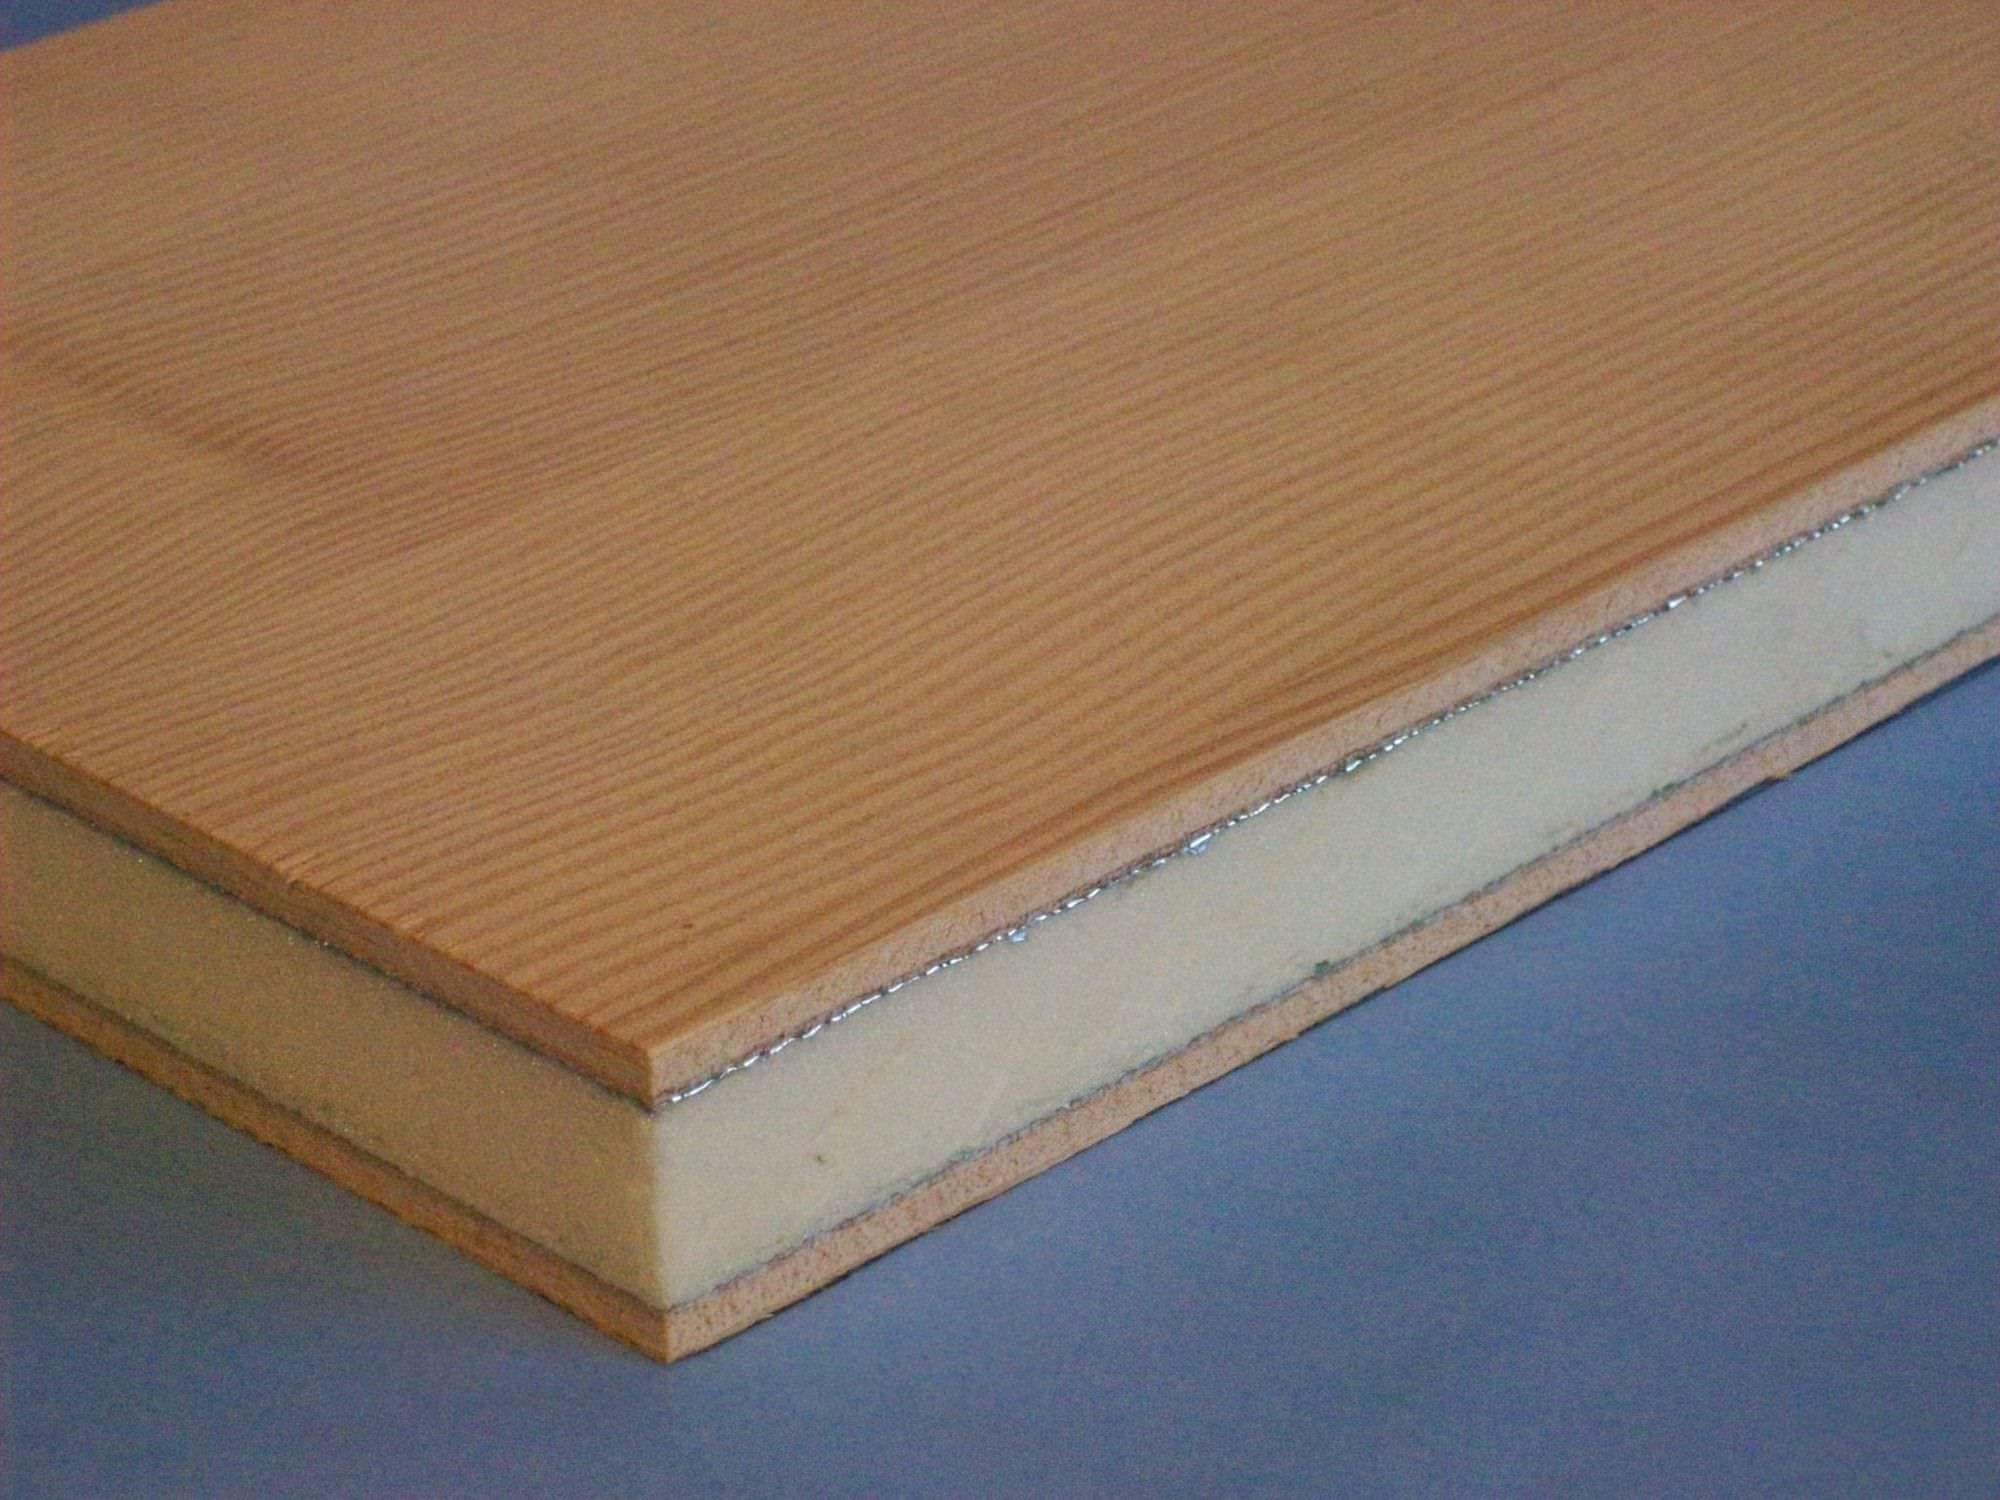 5 m²/Uficell/Soft Step Tritt insonorizzazione acustica per laminato parquet  e pavimenti in